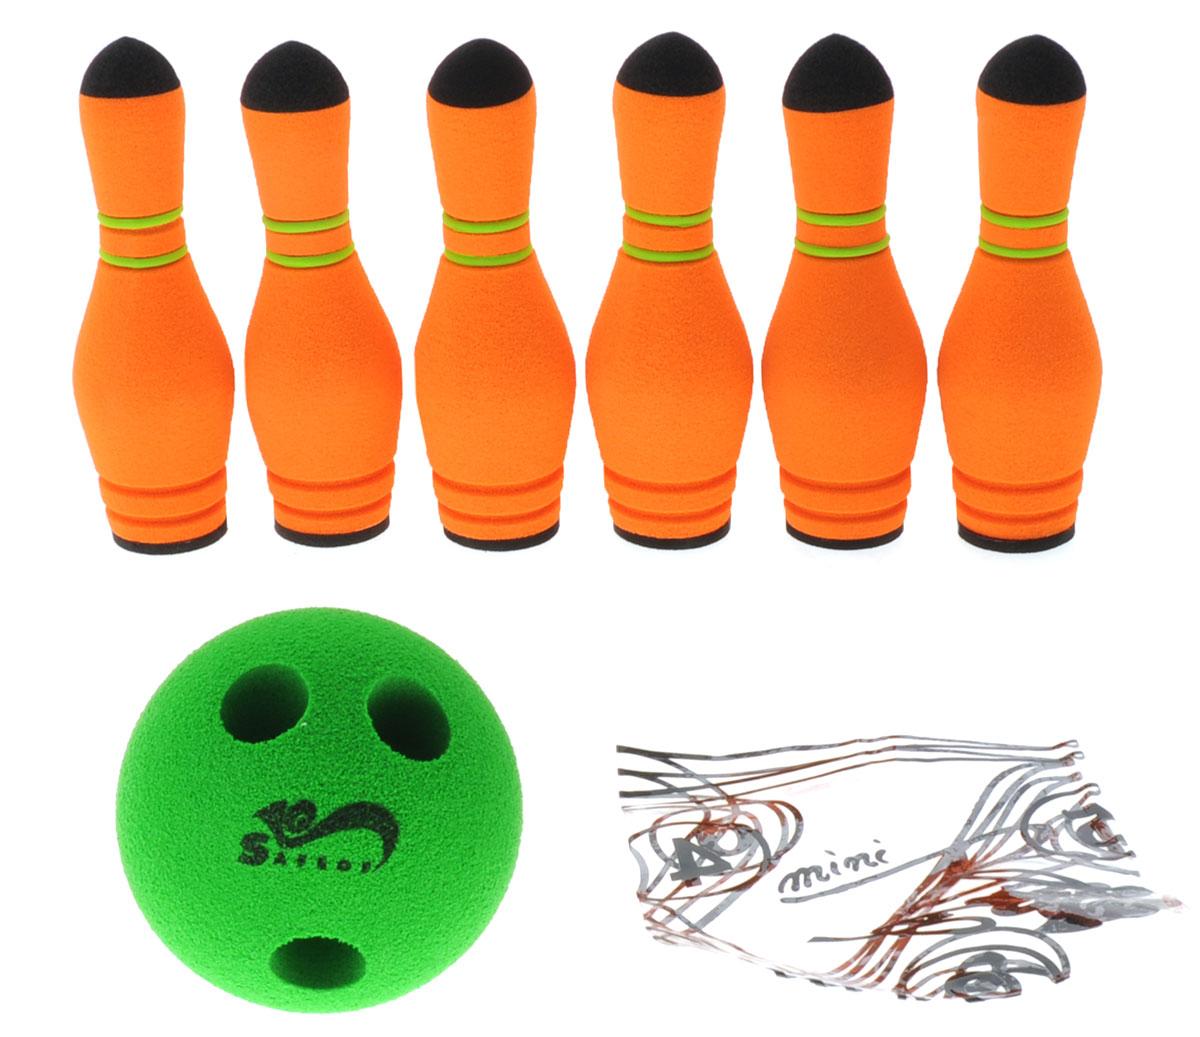 Safsof Игровой набор Мини-боулинг цвет оранжевый зеленыйMBB-05(B)_оранжевый, зеленыйИгровой набор Safsof Мини-боулинг, изготовленный из вспененной резины, состоит из шести кеглей и шара. Набор выполнен из мягкого материала, что обеспечивает безопасность ребенку. Суть игры в боулинг - сбить шаром максимальное количество кеглей. Число игроков и количество туров - произвольное. Очки, набранные с каждым броском мяча, рассматриваются как количество сбитых кегель. Расстояние, с которого совершается бросок, определяется игроками. Каждый игрок имеет право на два броска в одной рамке (рамка - треугольник, на поле которого выстраиваются кегли перед каждым первым броском очередного игрока). Бросок, при котором все кегли сбиты, называется страйк и обозначается как Х. Если все кегли сбиты первым броском, второй бросок не требуется: рамка считается закрытой. Призовые очки за страйк - это сумма кеглей, сбитых игроком следующими двумя бросками. Выигрывает тот игрок, который в сумме набирает больше очков.